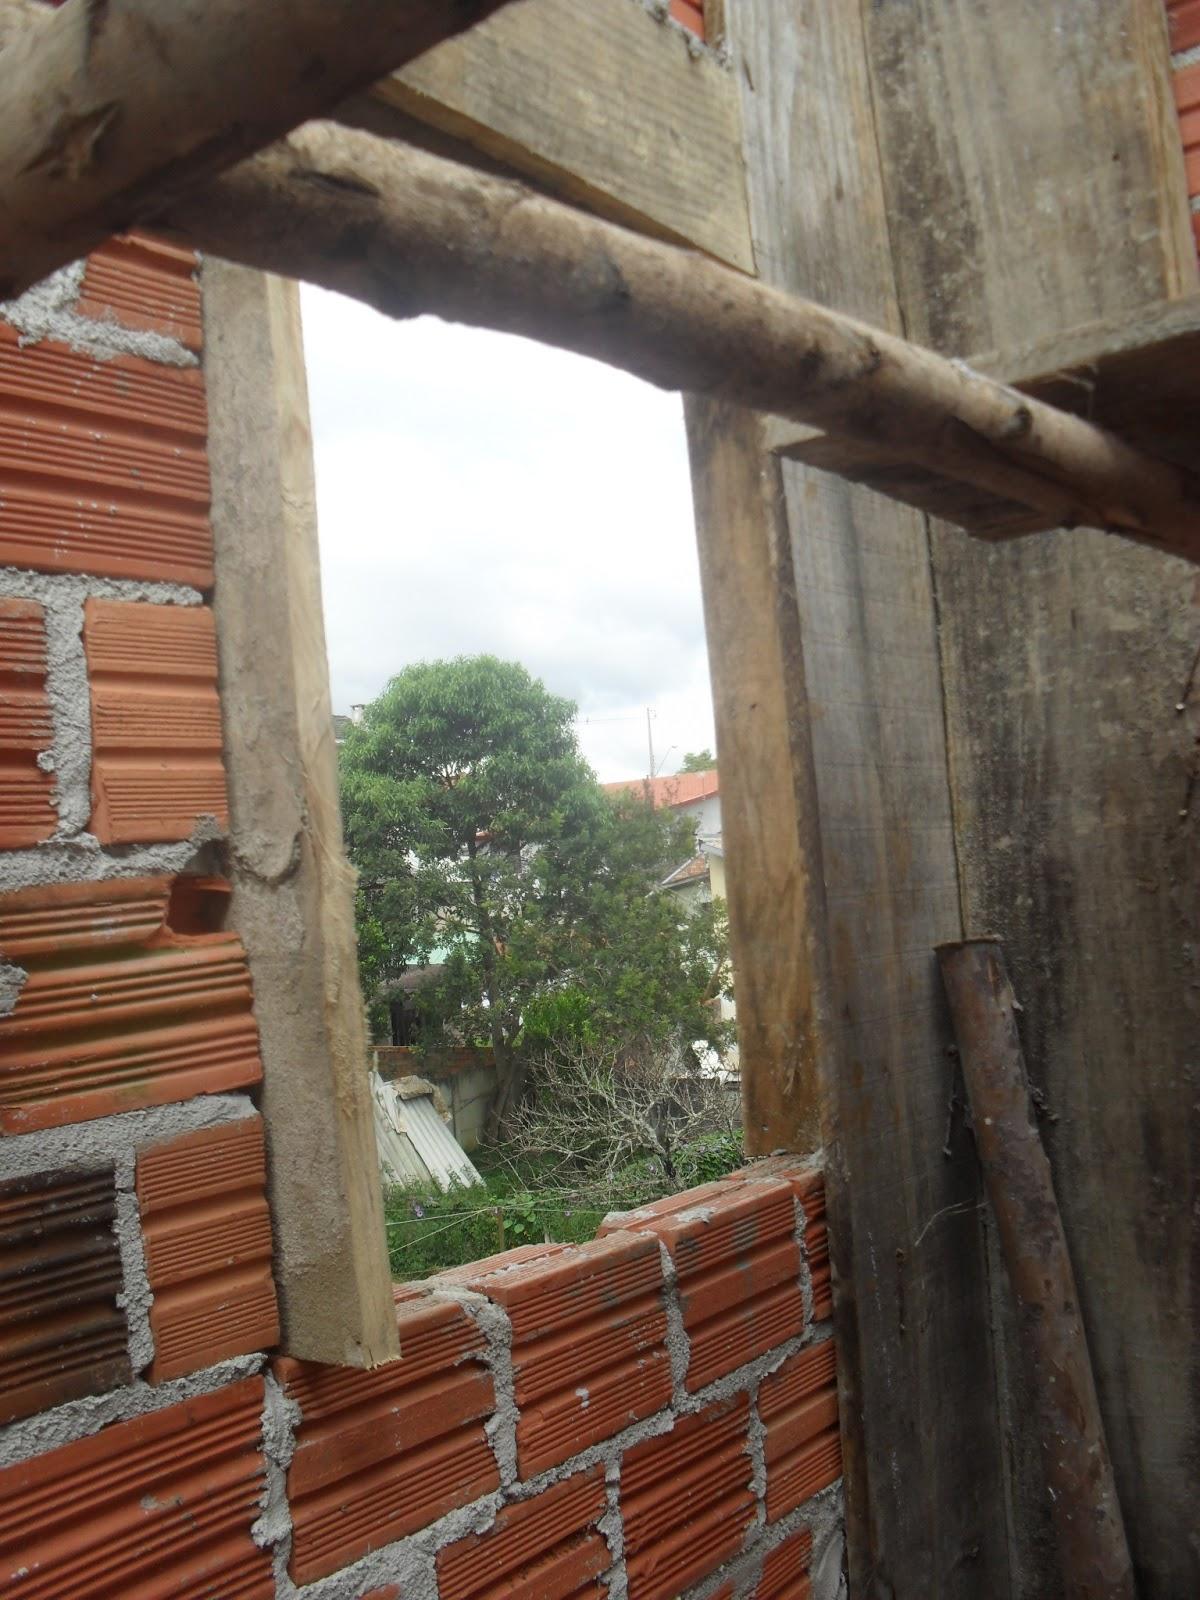 janela que será com blocos de vidro descendoooo janela lá #6A402E 1200 1600